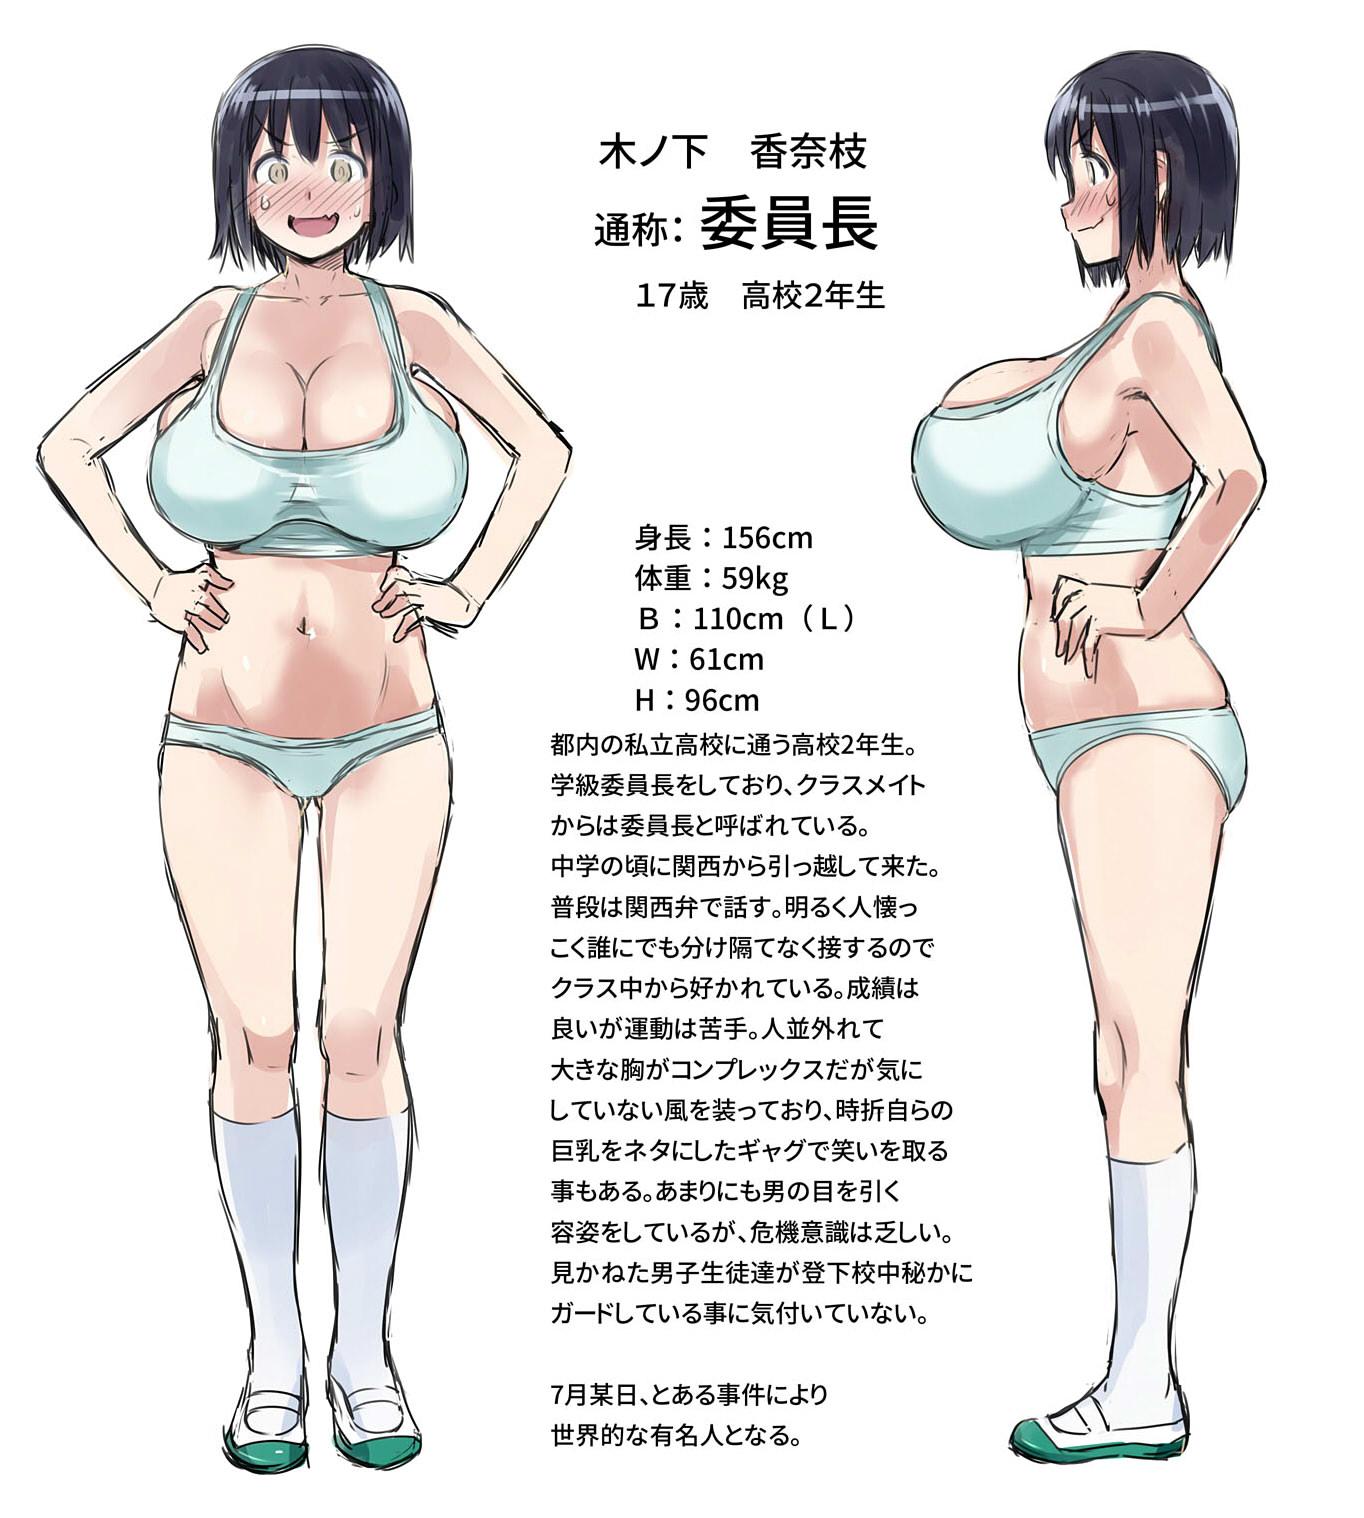 下着姿の女の子 vol.28 [無断転載禁止]©bbspink.com->画像>1370枚